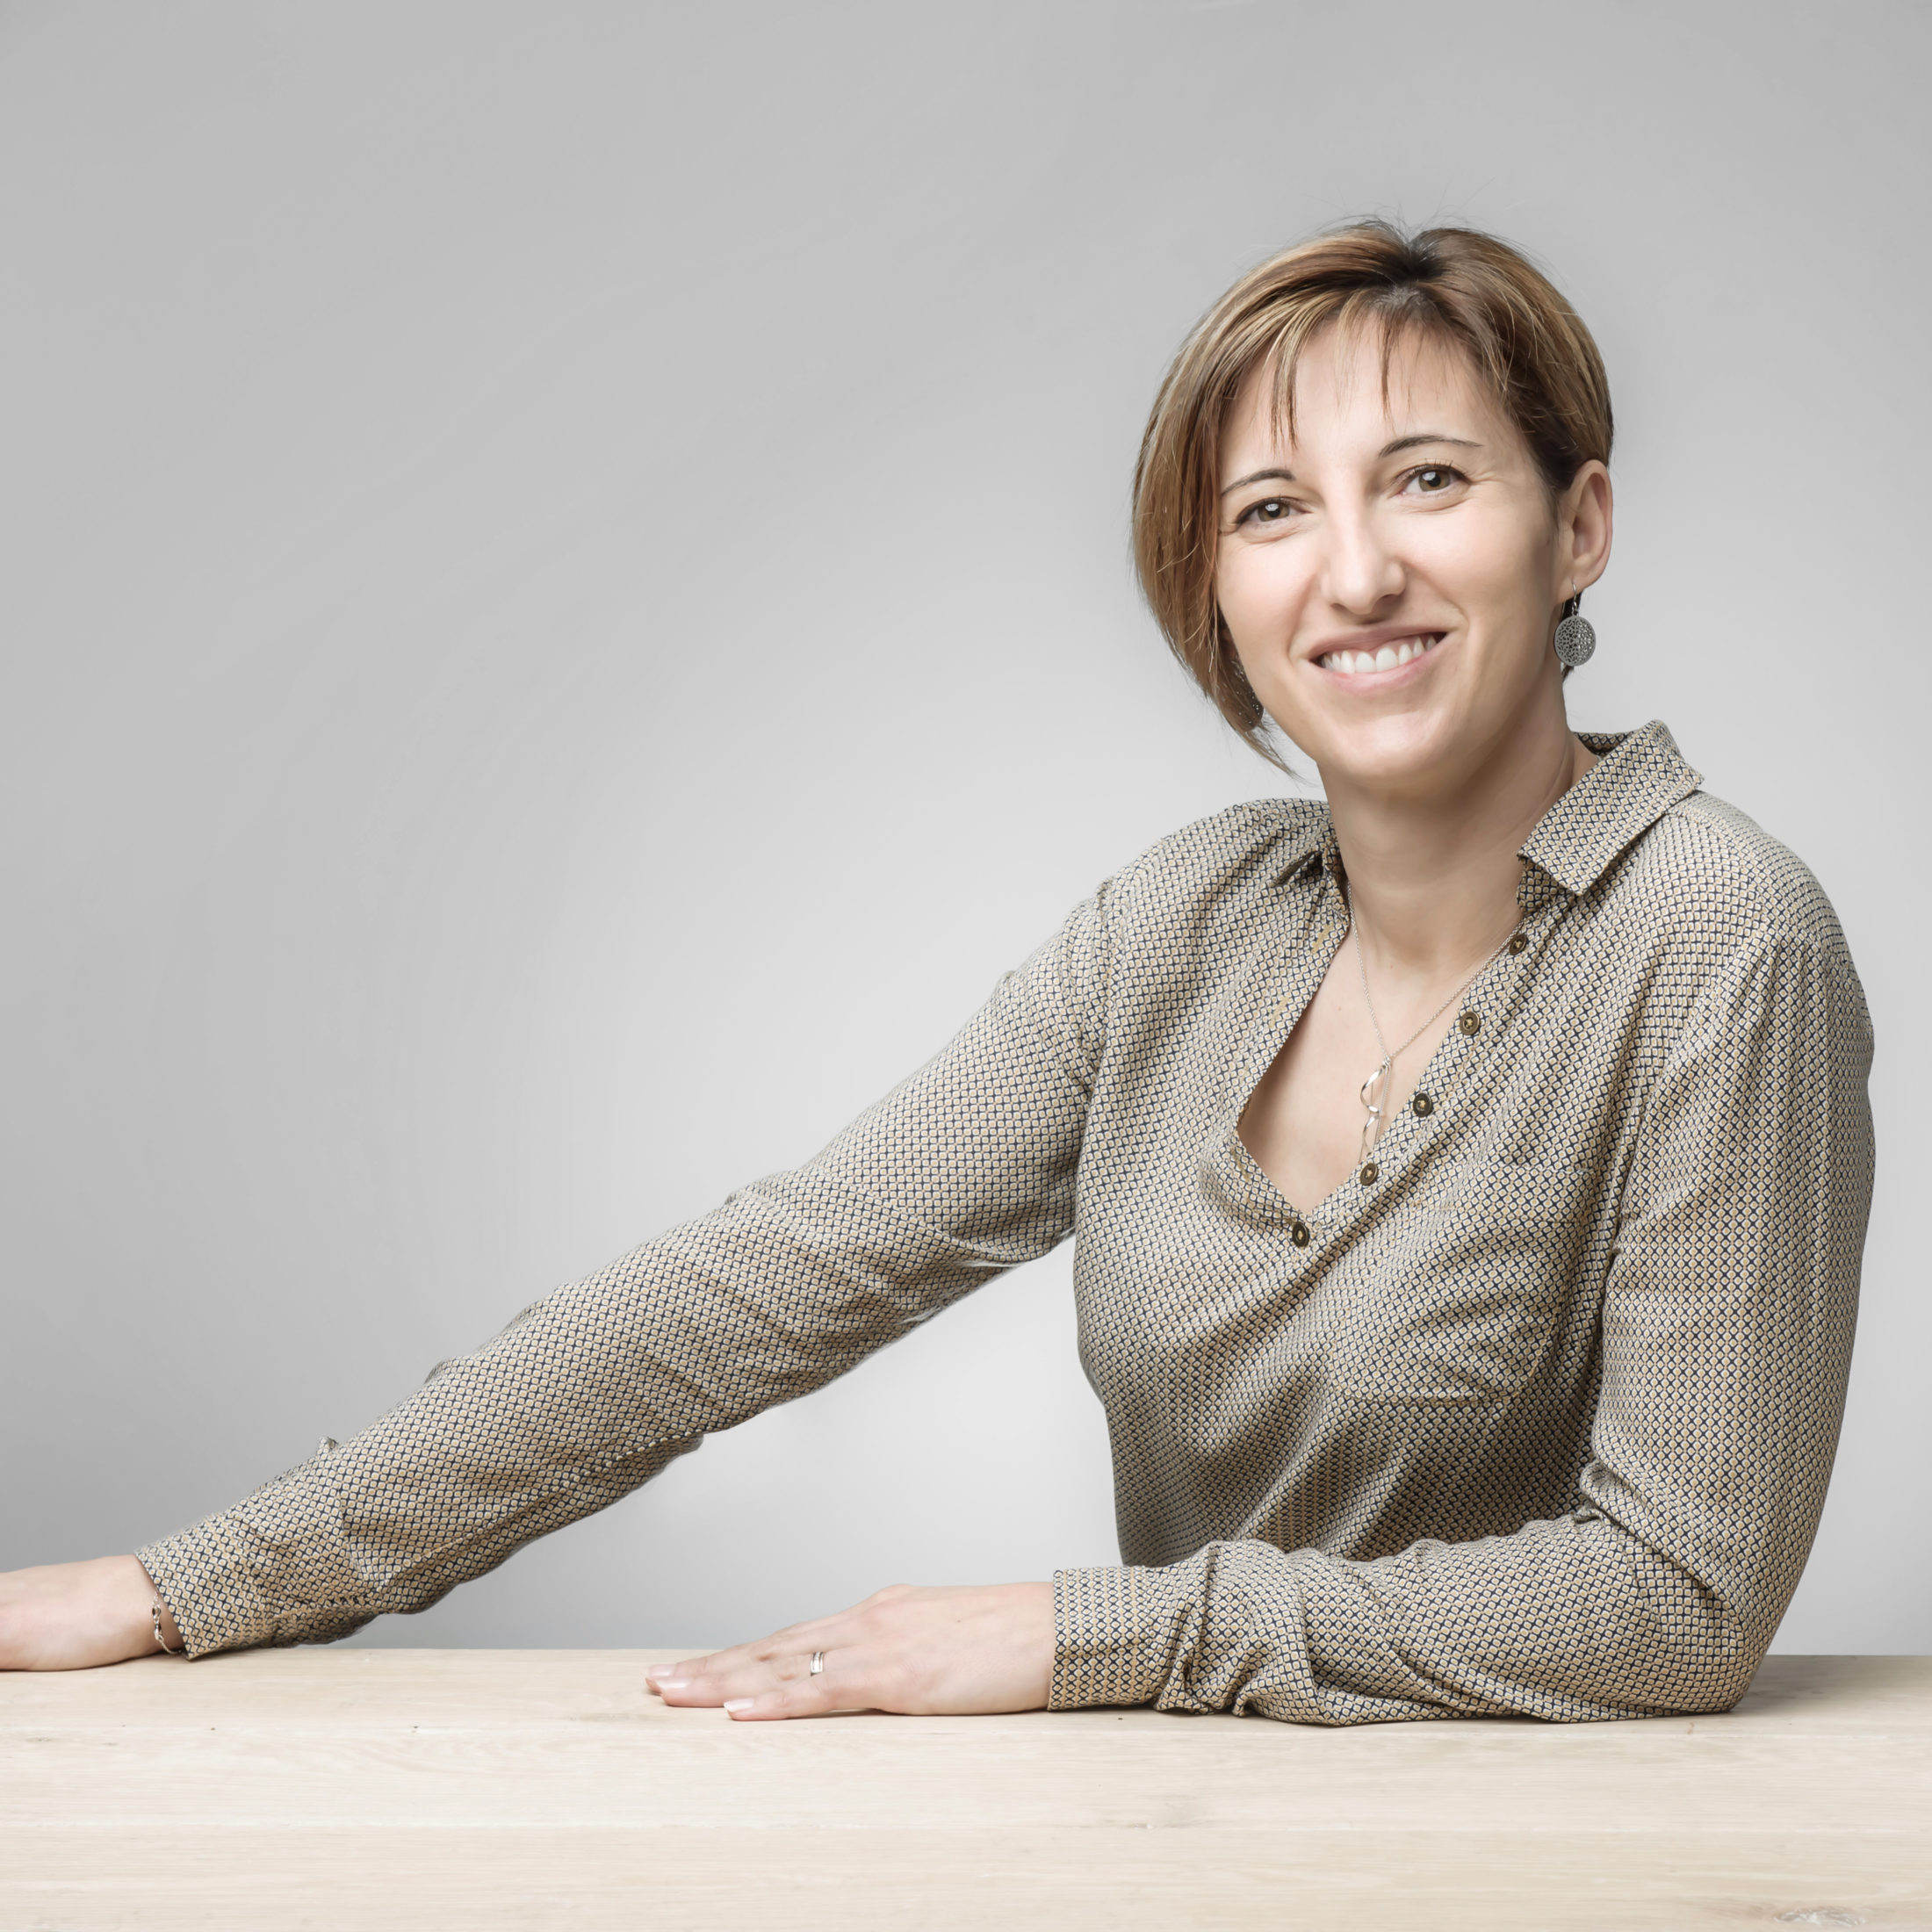 Stéphanie Vojnits